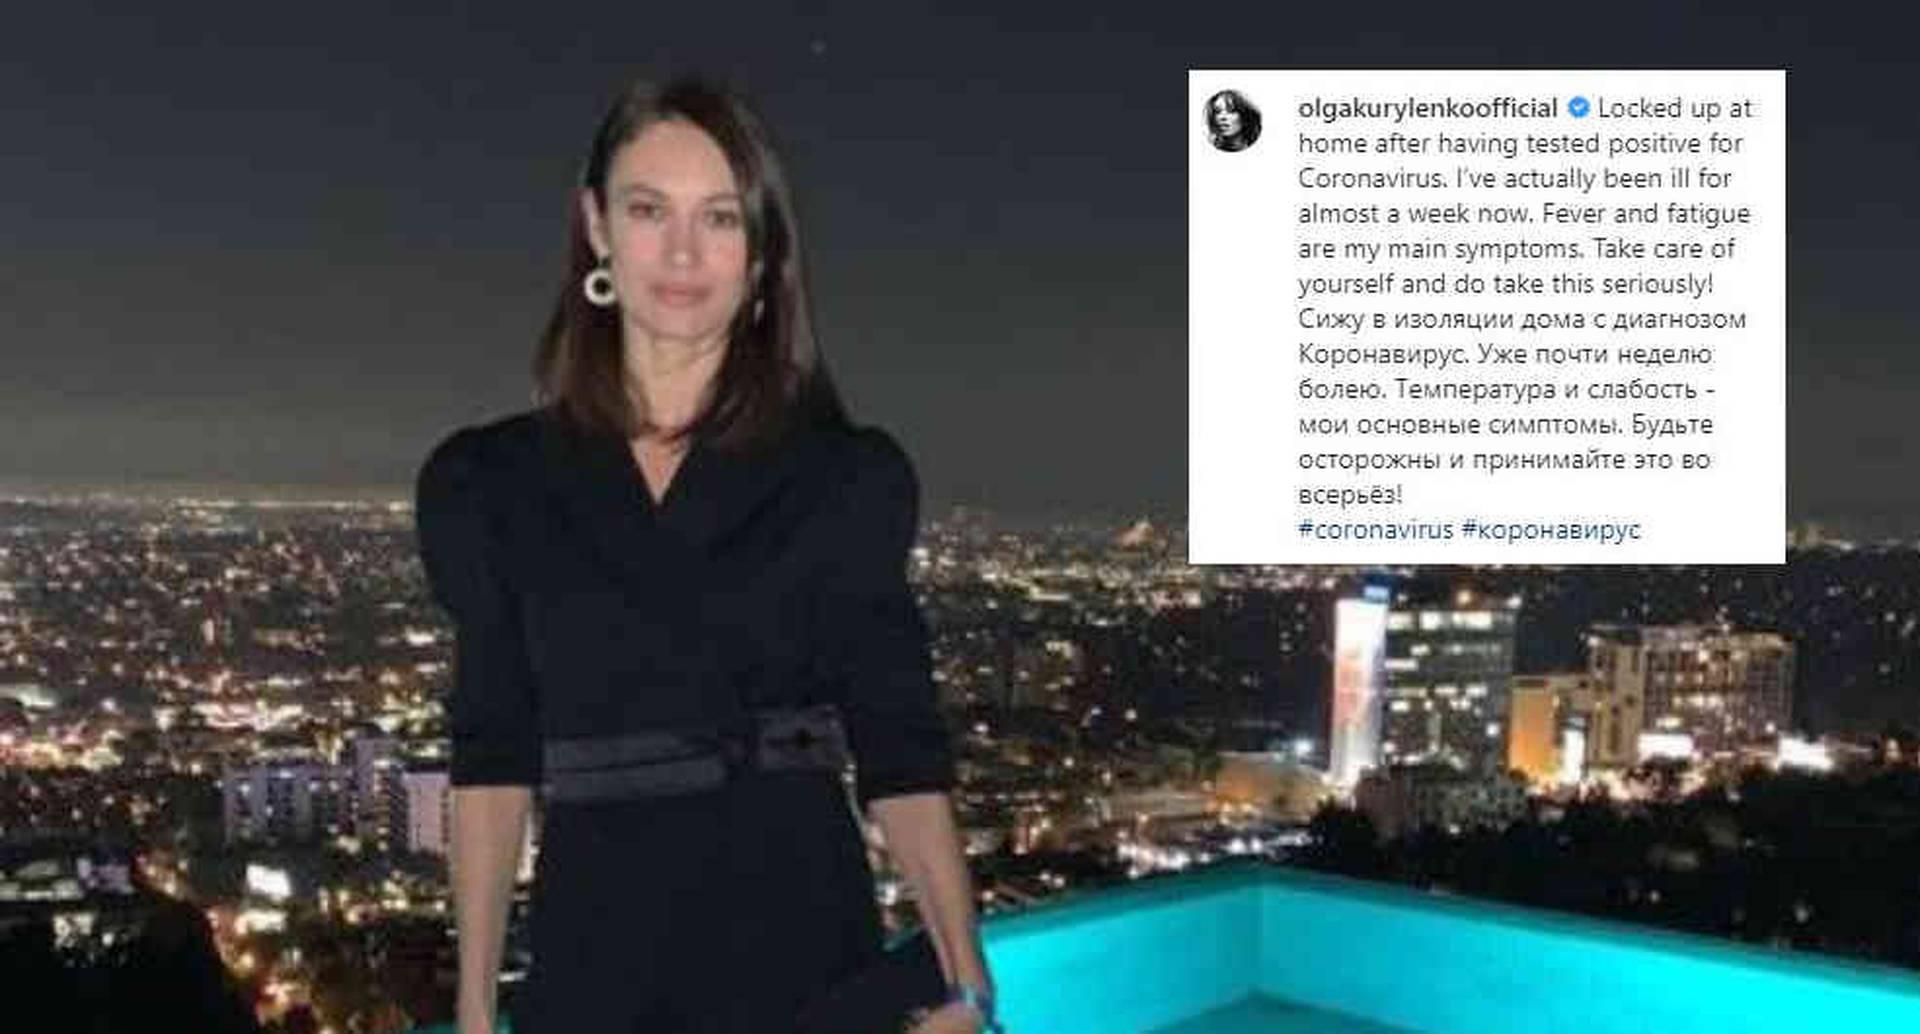 La actriz Olga Kurylenko confirmó que dio positivo para coronavirus.